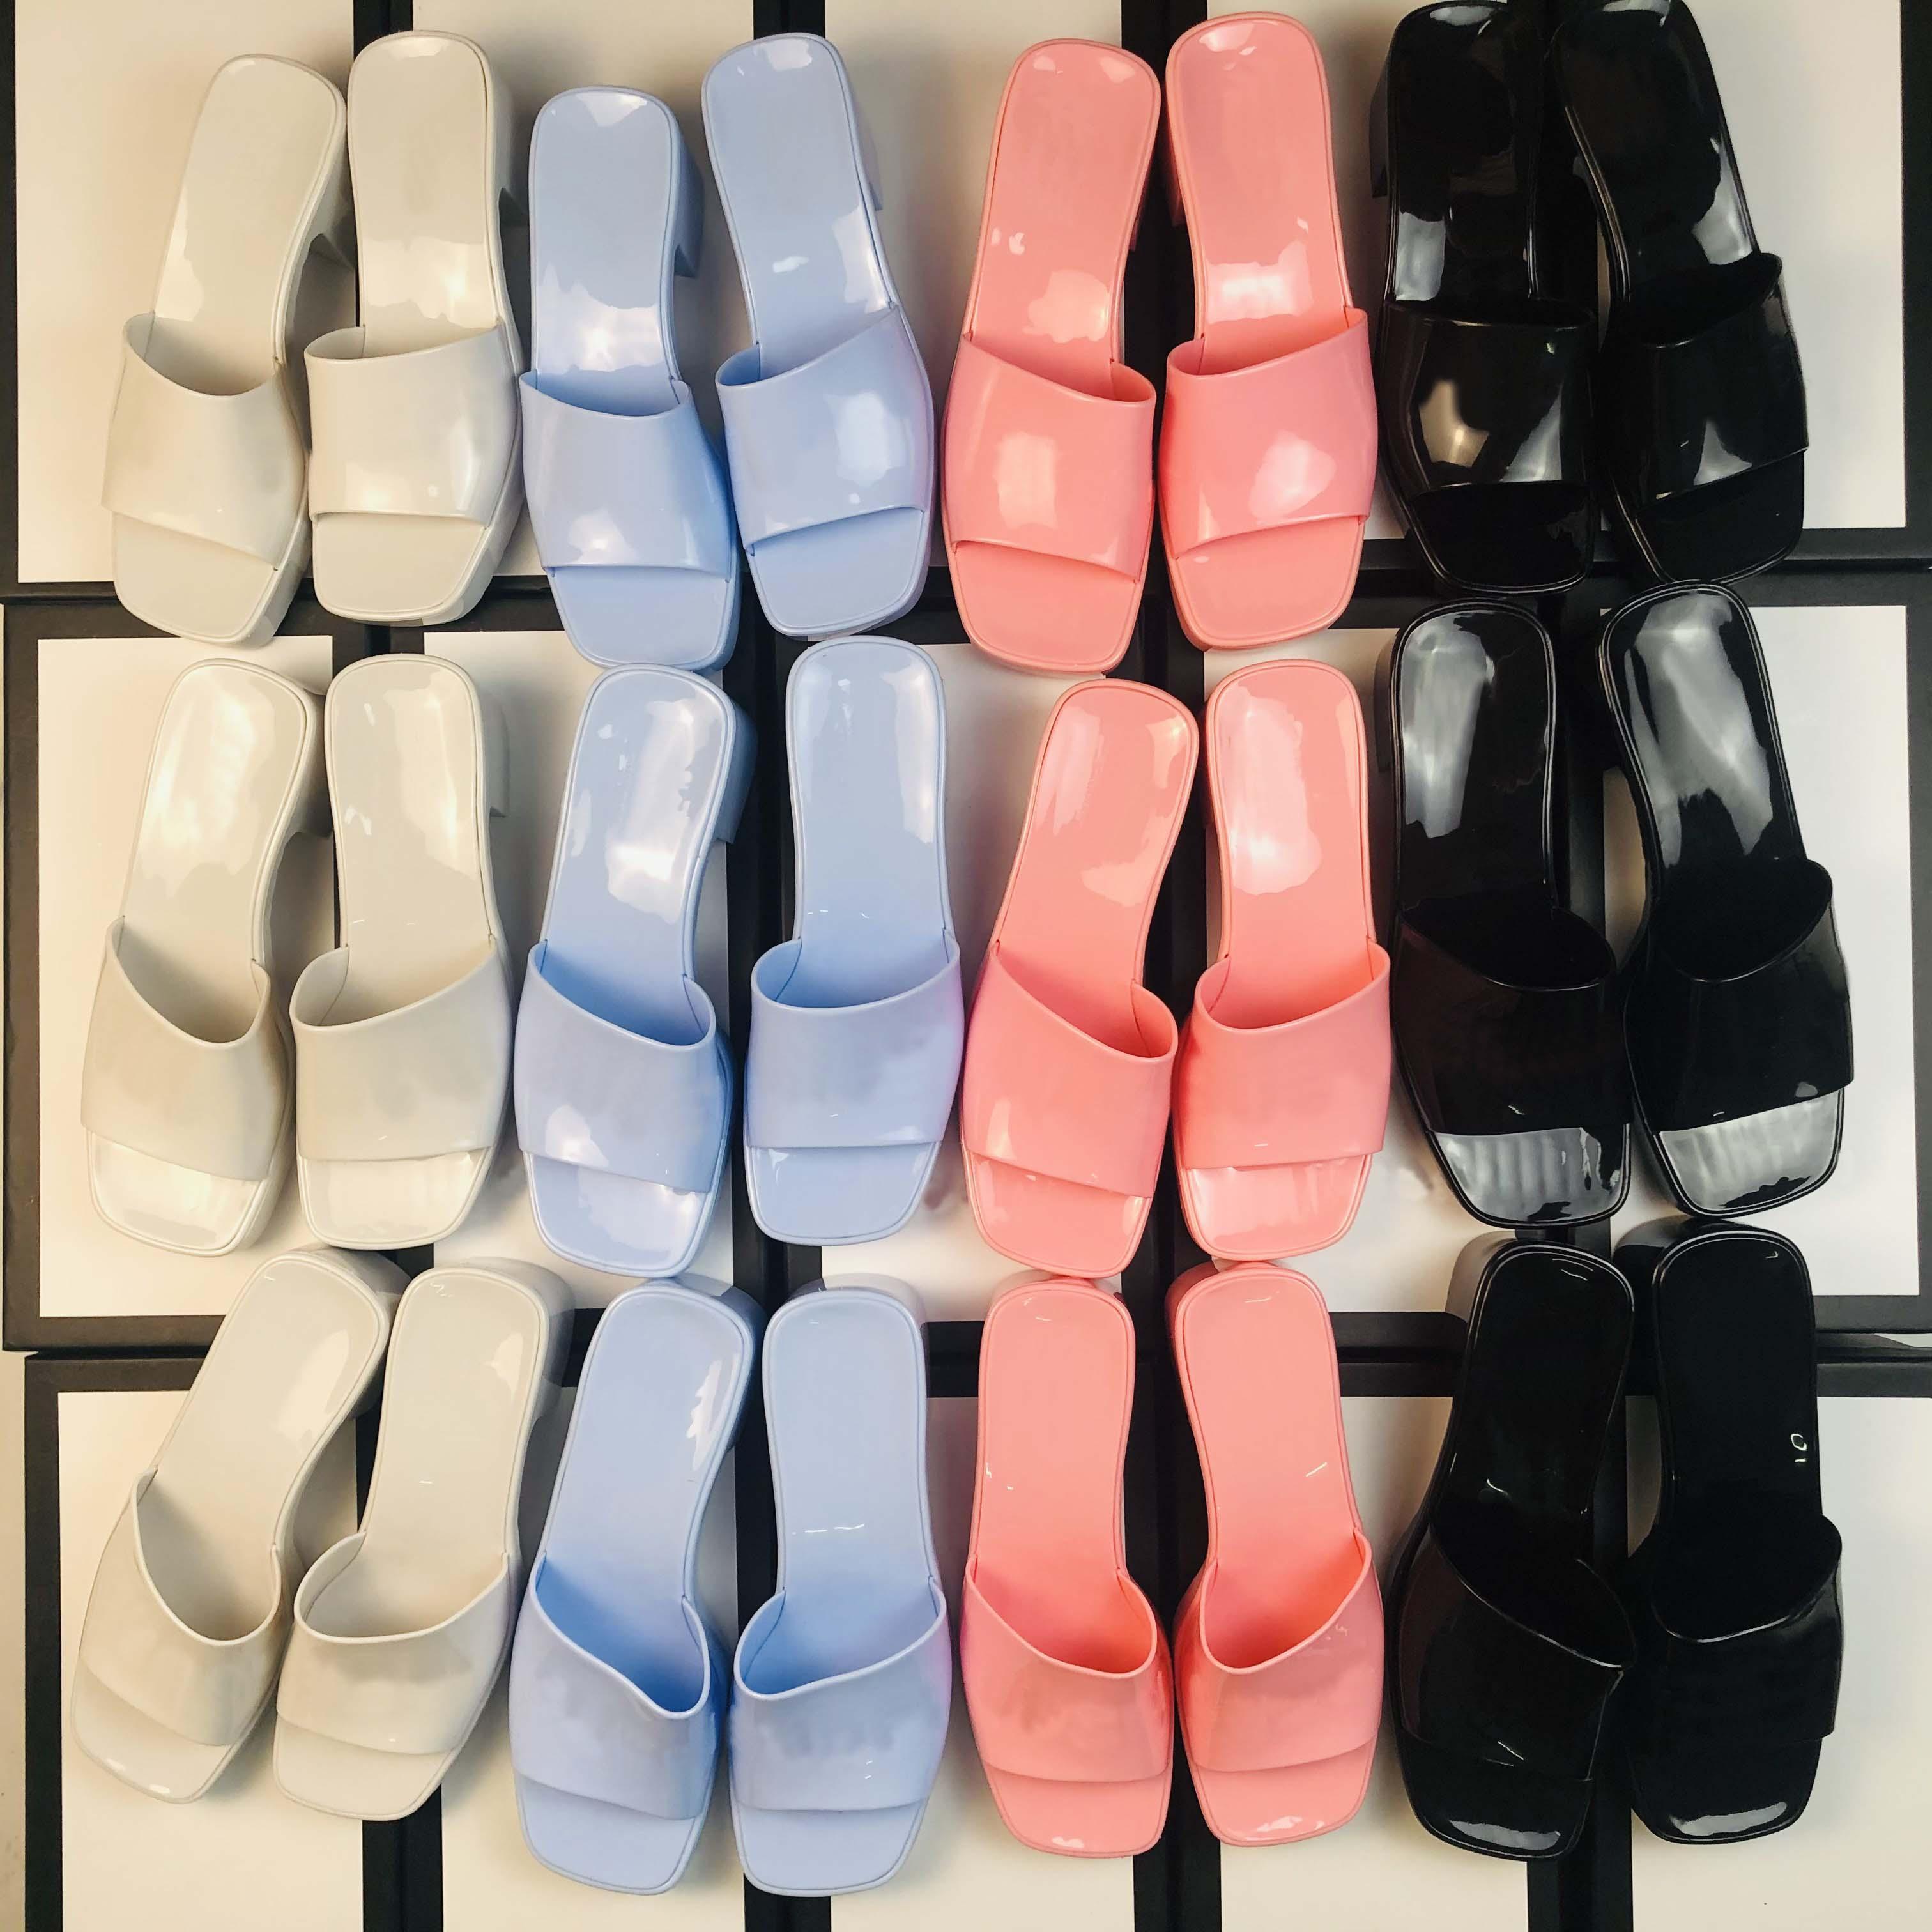 2021 Женщины Желевые тапочки Женские резиновые толстые каблуки тапочки квадратные пальцы сандалии на высоком каблуке дамы высоты высоты 5,5 см передние каблуки высоты 2,5 см сандал с коробкой